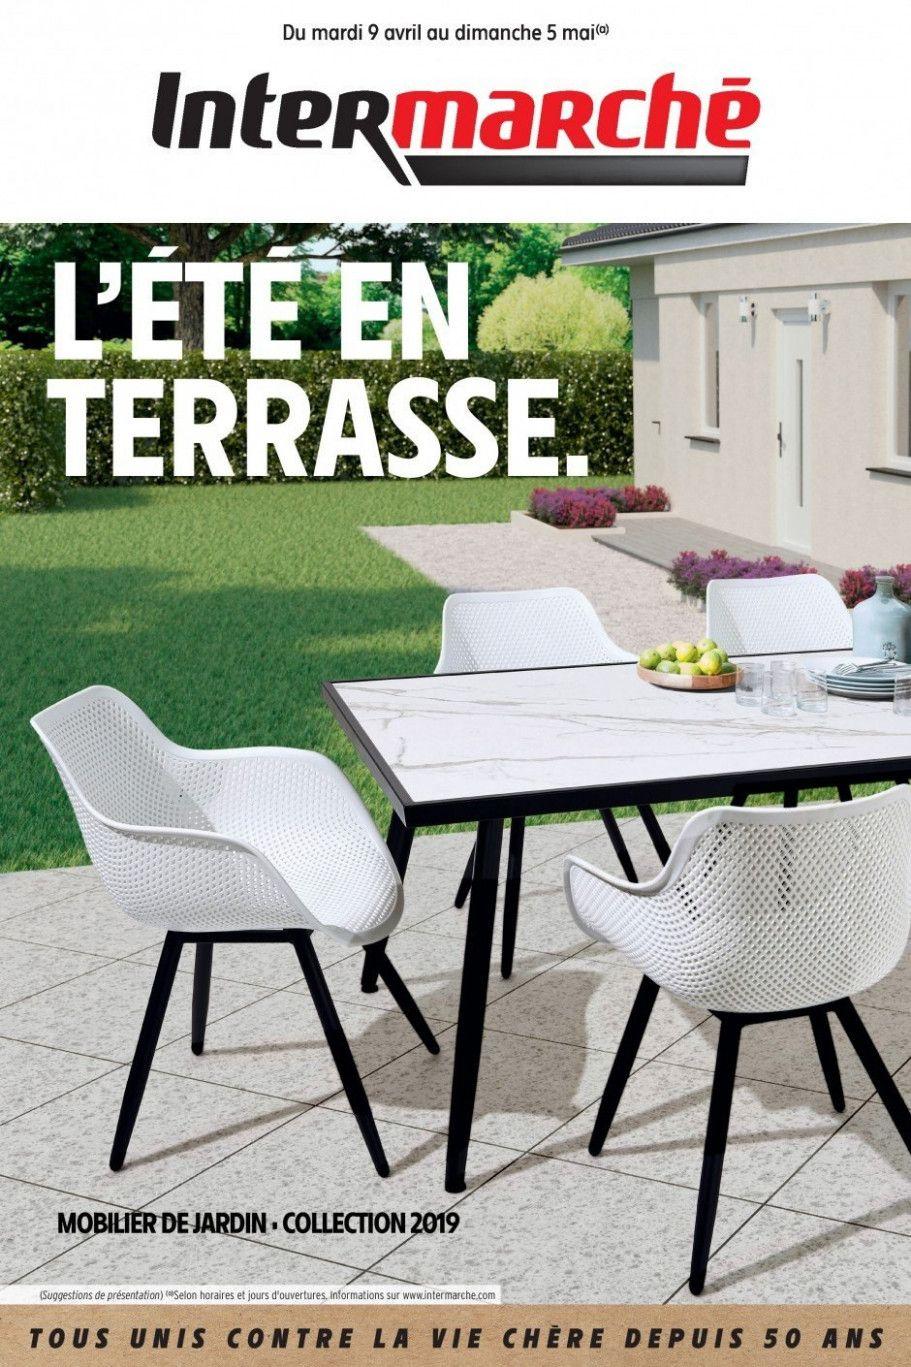 Intermarché Salon De Jardin   Home Decor, Folding Table, Decor concernant Salon De Jardin En Promo